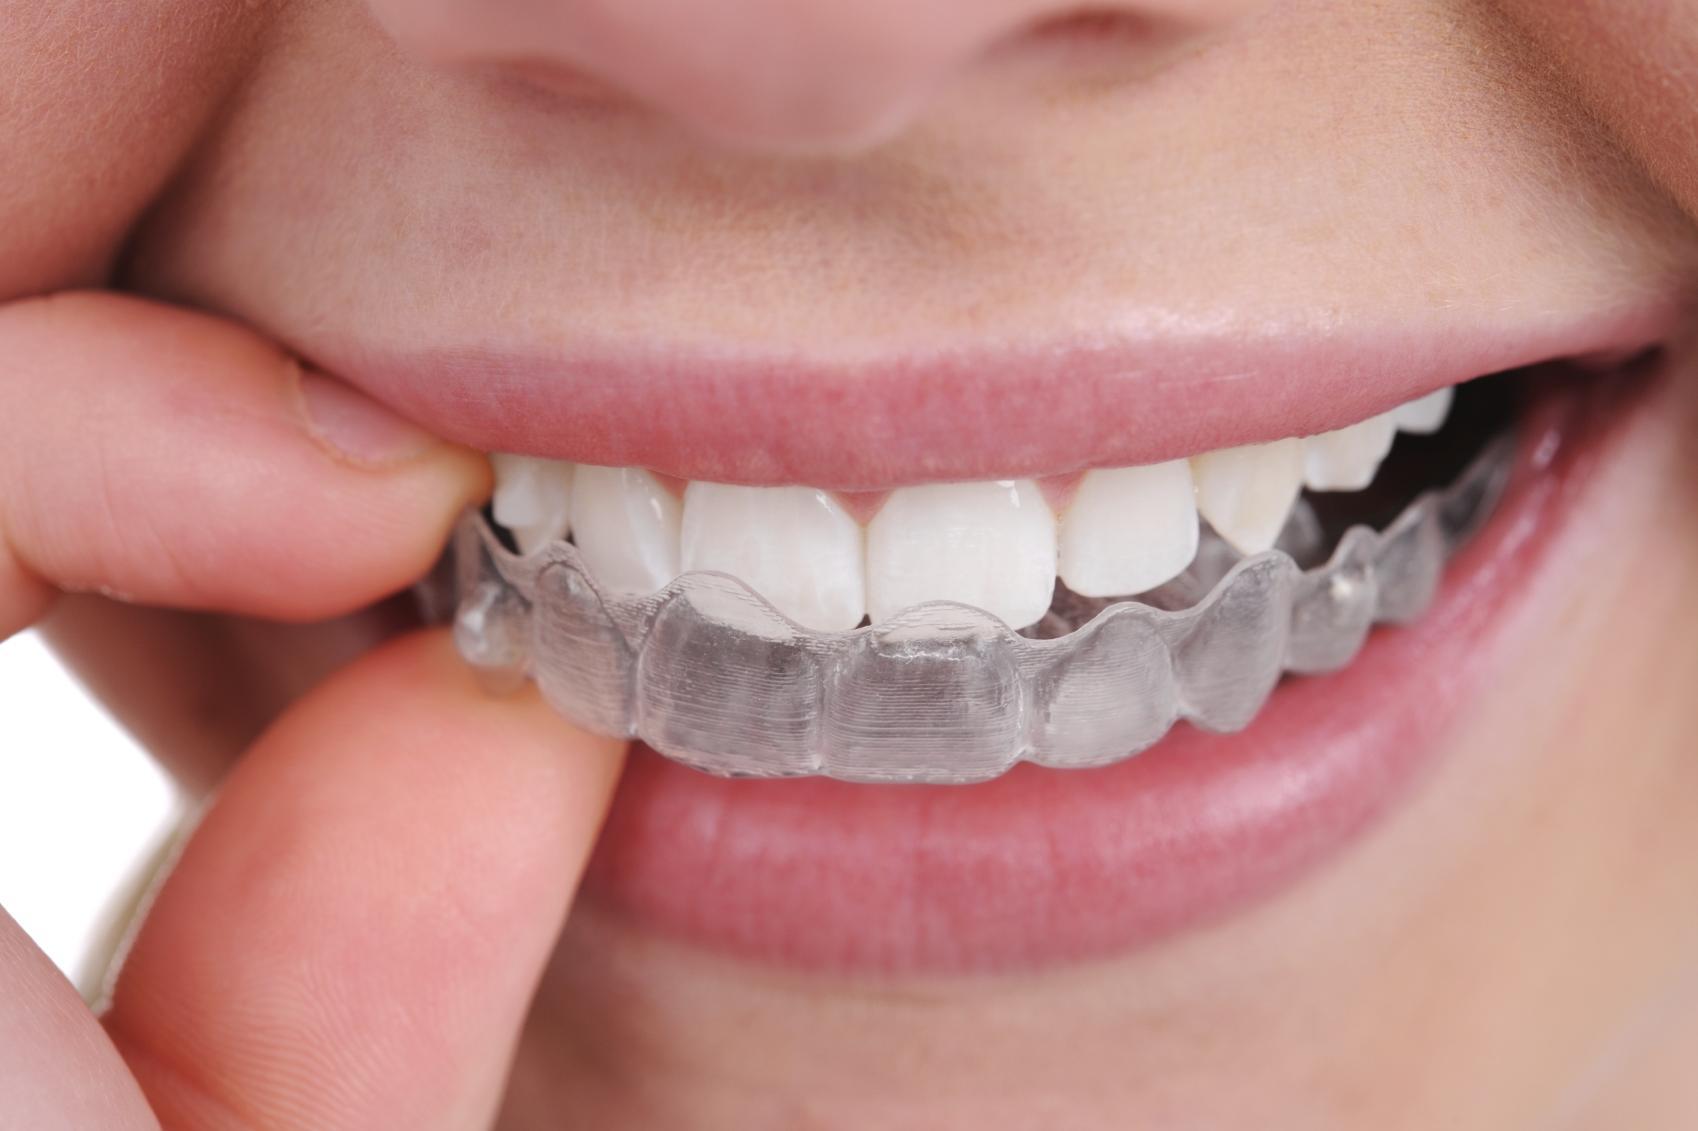 e0939144c315 Капы для выравнивания зубов INVISALIGN во доступным ценам ...